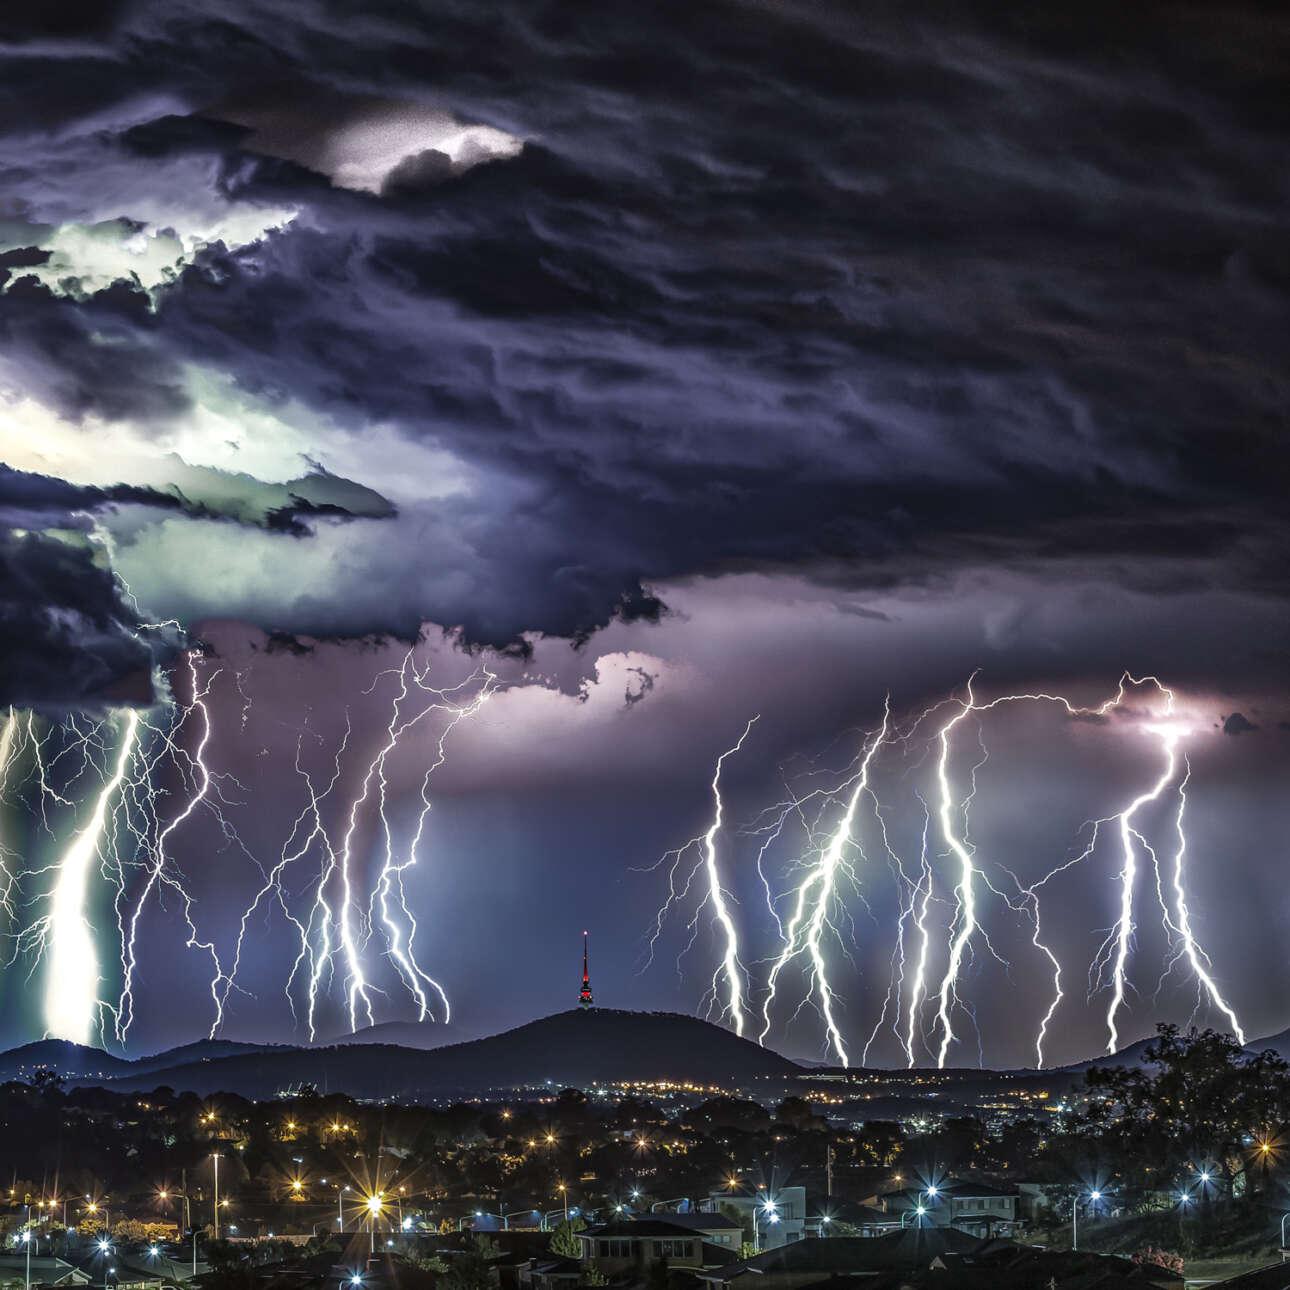 Πρώτη θέση στην κατηγορία Φύση/Τοπίο. «Τον Ιανουάριο του 2019 συνέβη στην Καμπέρα μία από τις πιο απίθανες καταιγίδες με αστραπές. Διέσχισε την πόλη από τα δυτικά προς τα ανατολικά πάνω από τα μαύρα βουνά και συνέχισε προς τα όρη Brindabella» γράφει ο φωτογράφος